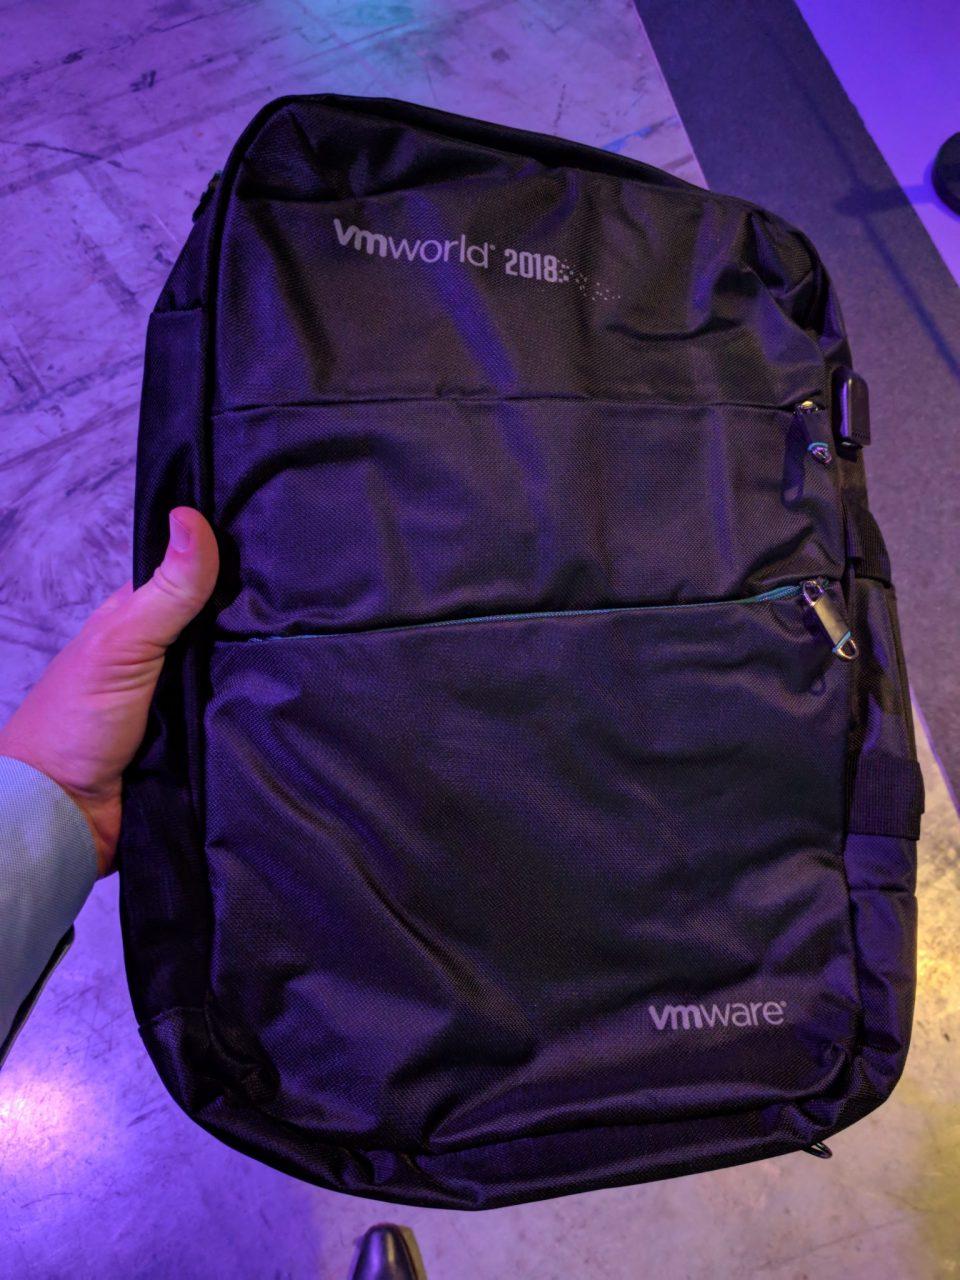 VMworld 2018 EU - Backpack